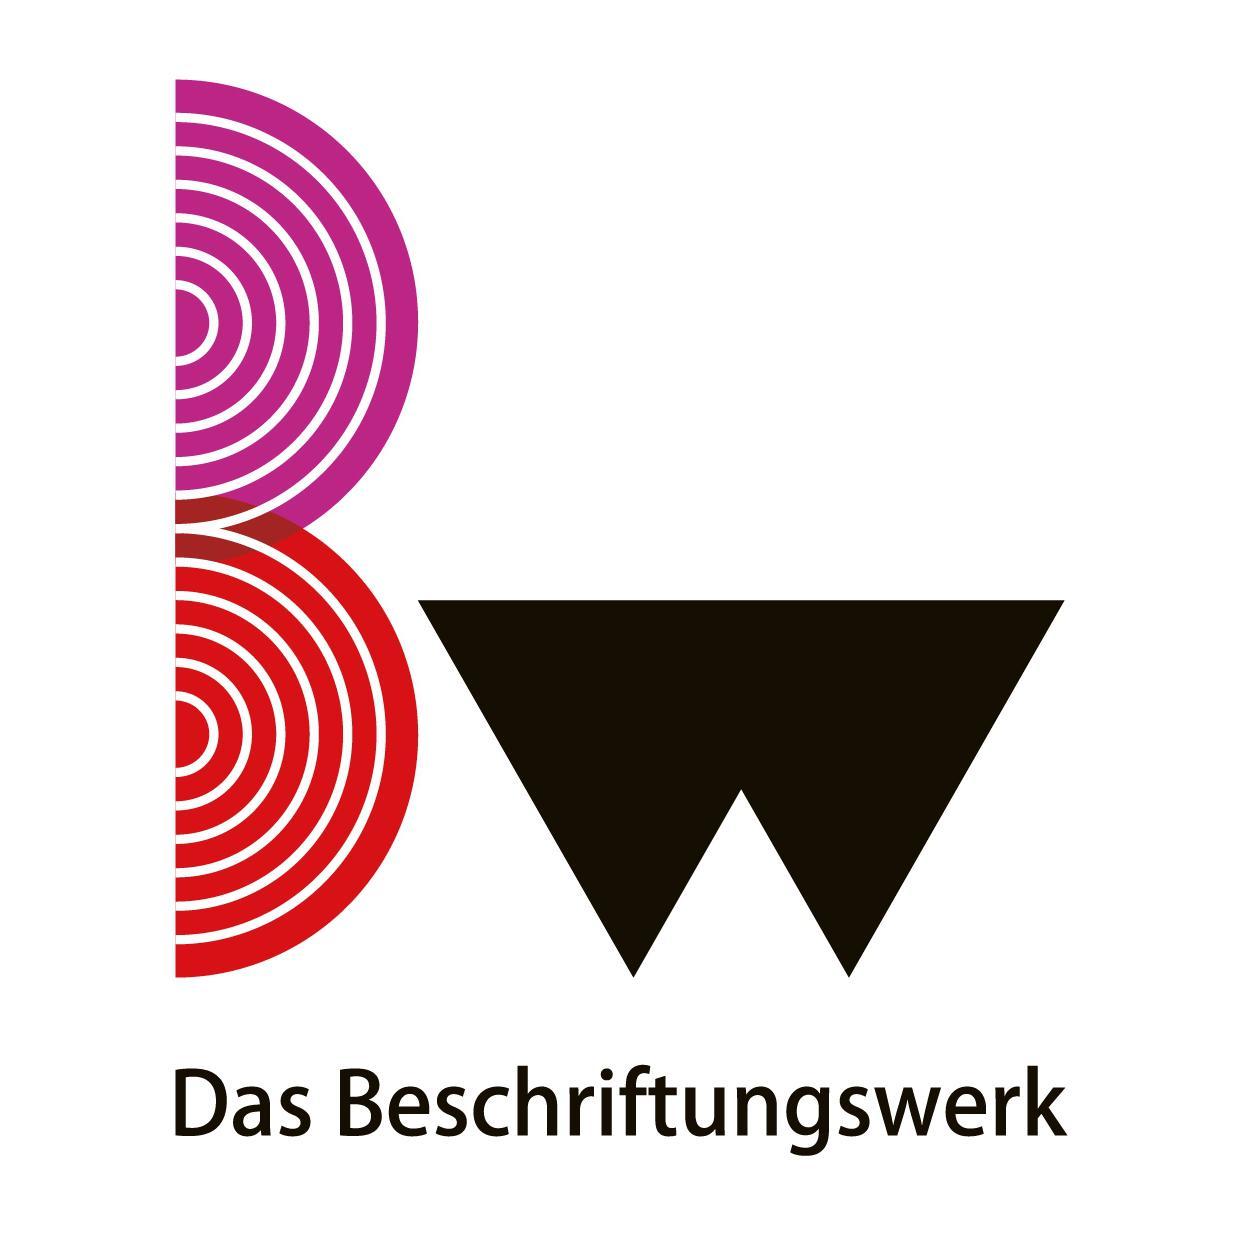 Bild zu Beschriftungswerk Beste Werbetechnik GmbH & Co. KG in München